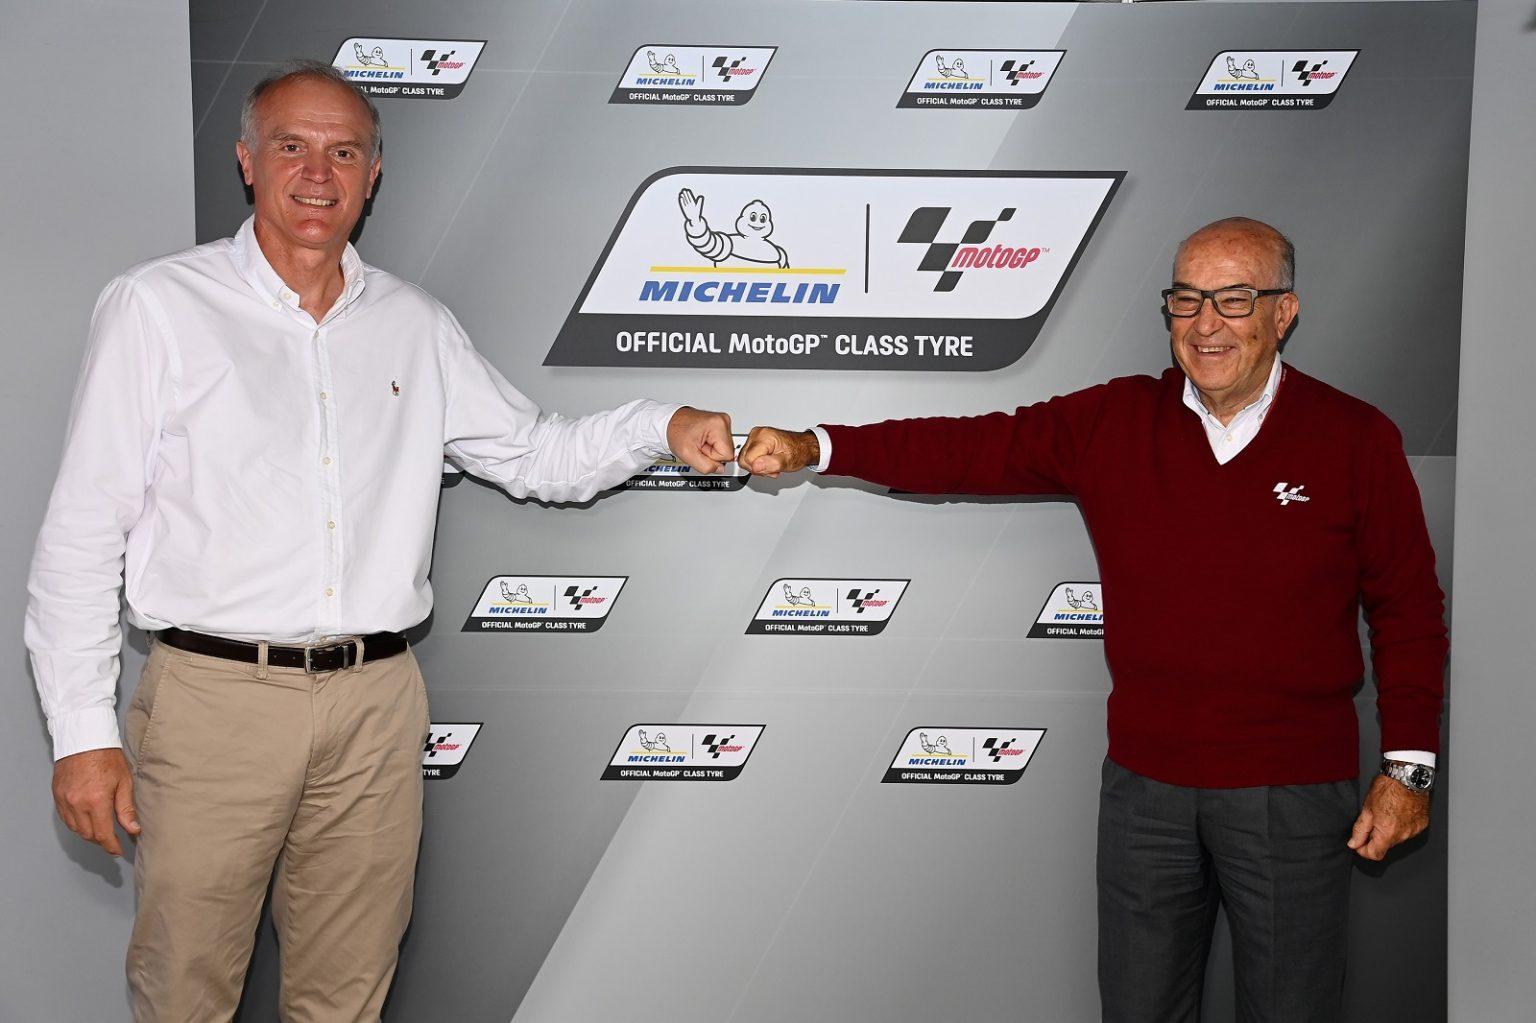 Michelin rimane fornitore unico del MotoGP fino al 2026